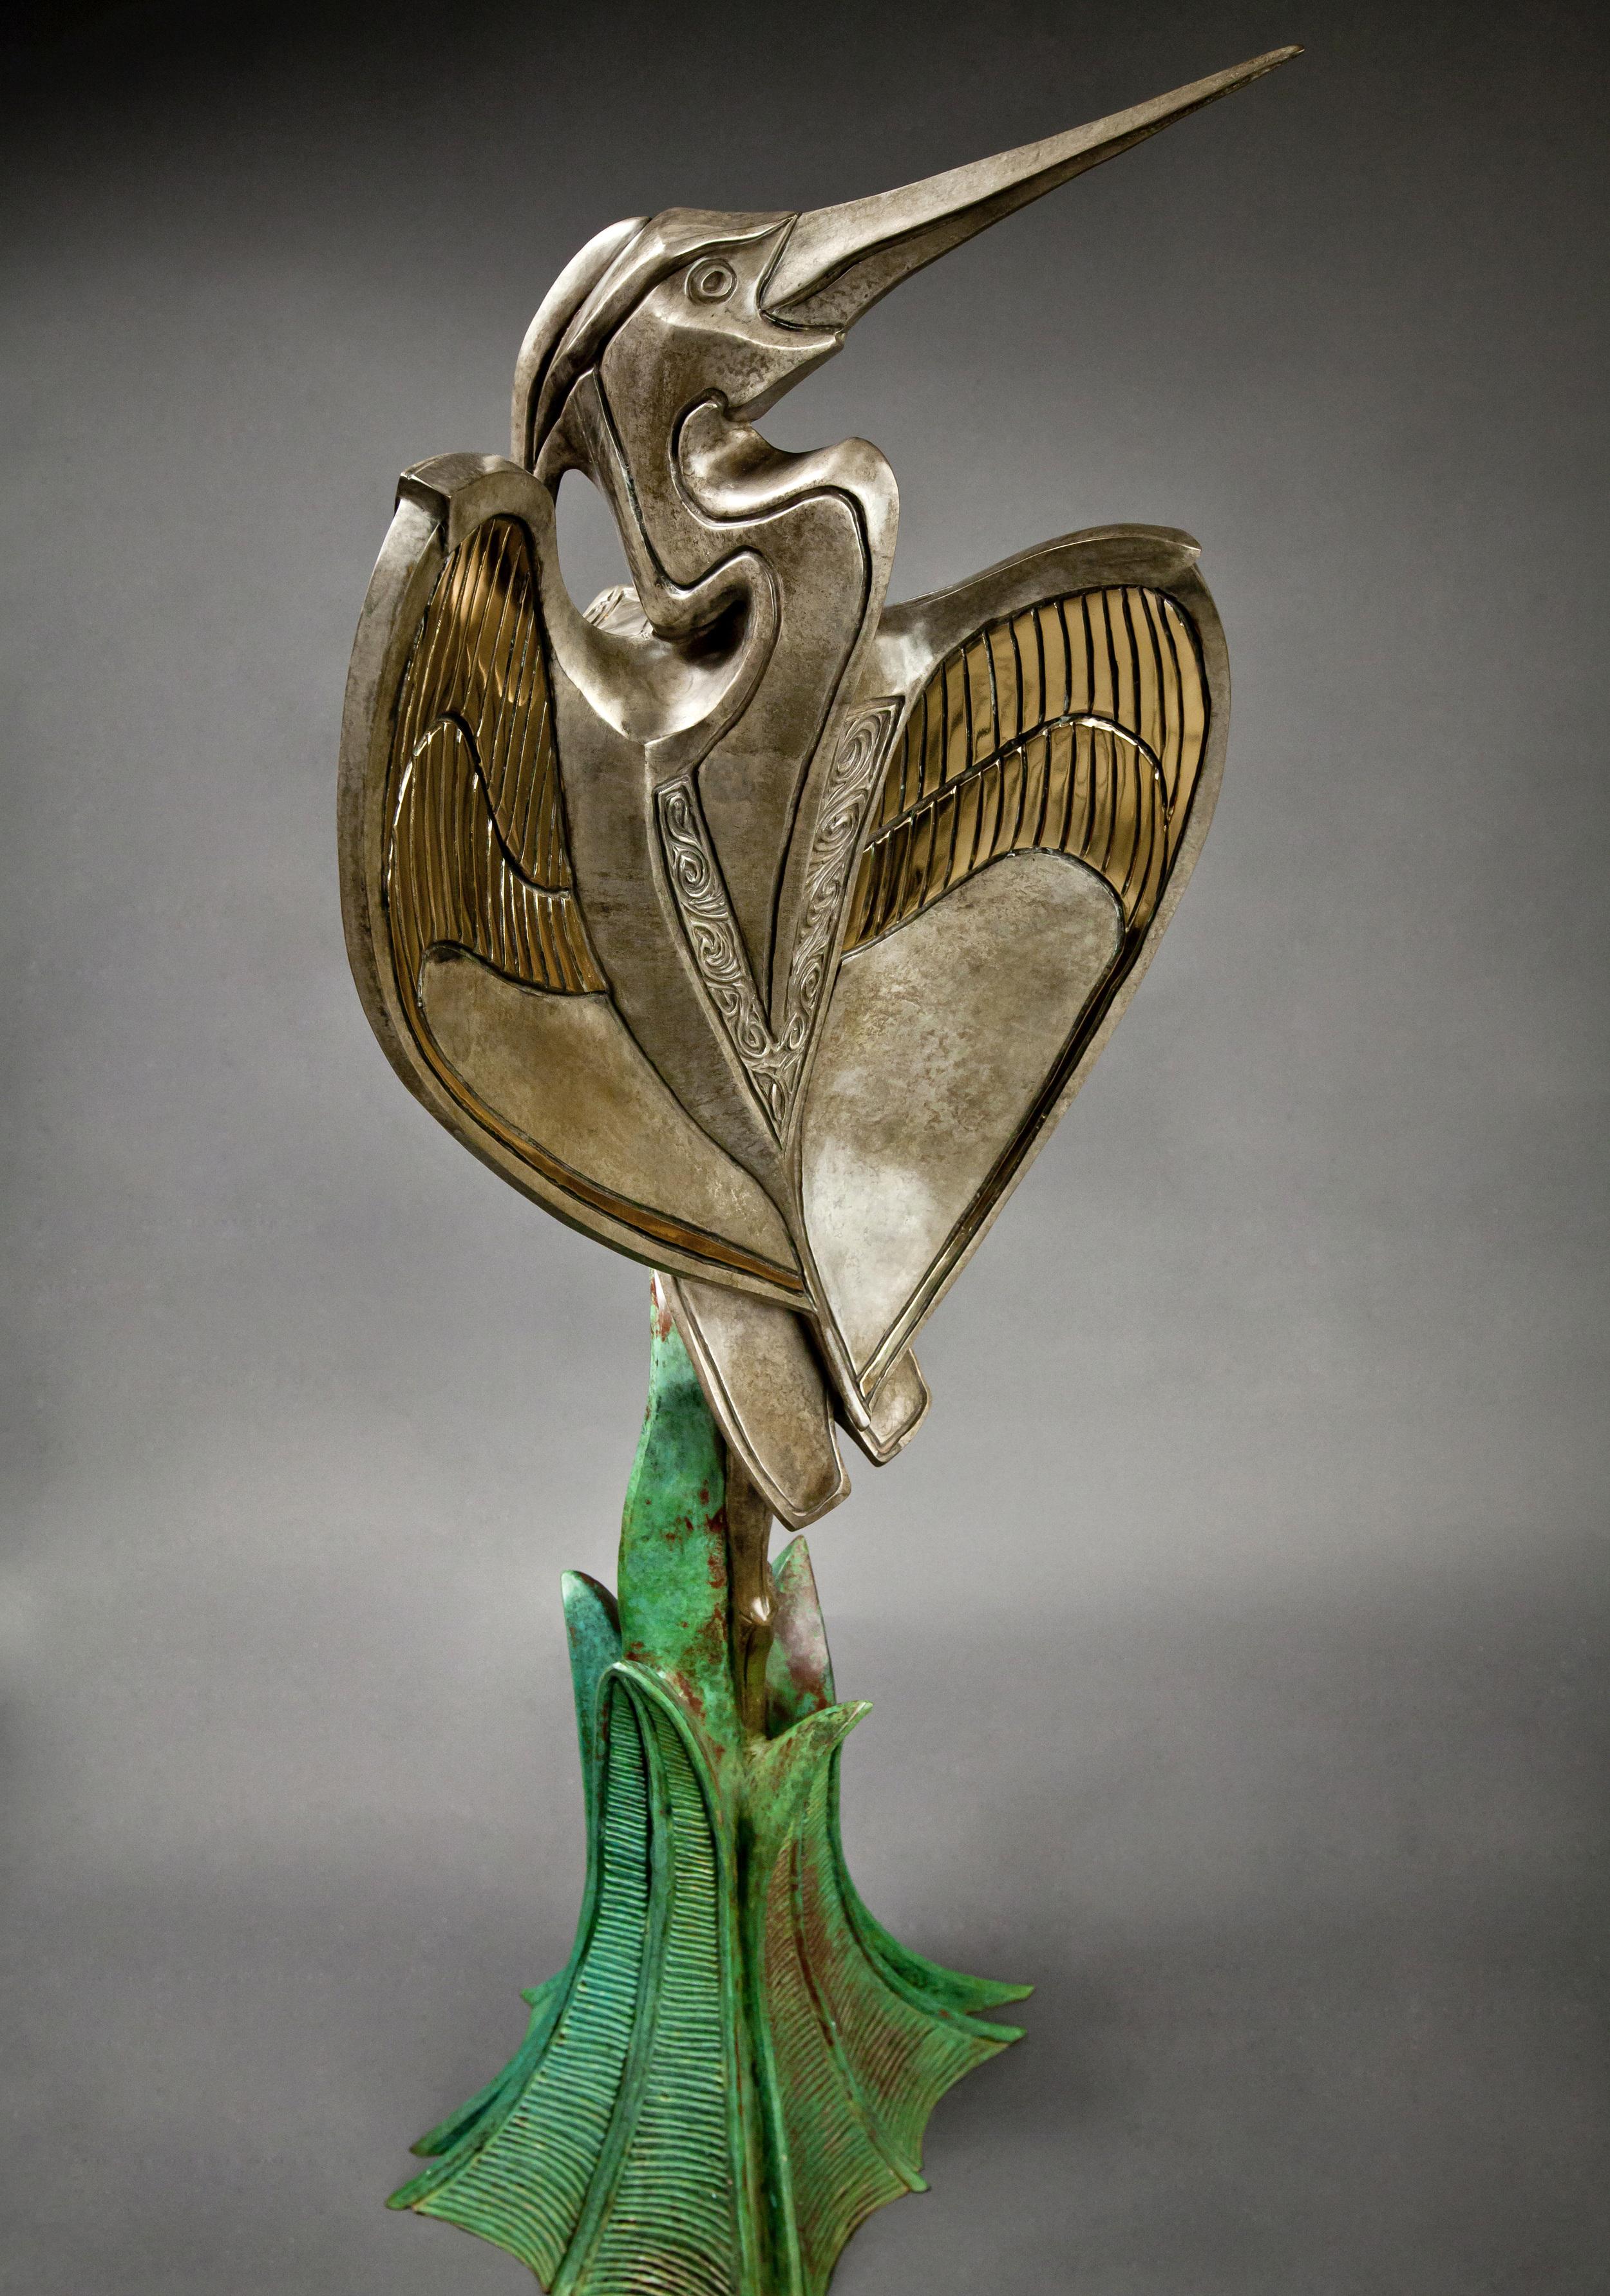 Bronze-Heron-by-John-Maisano-2.jpg